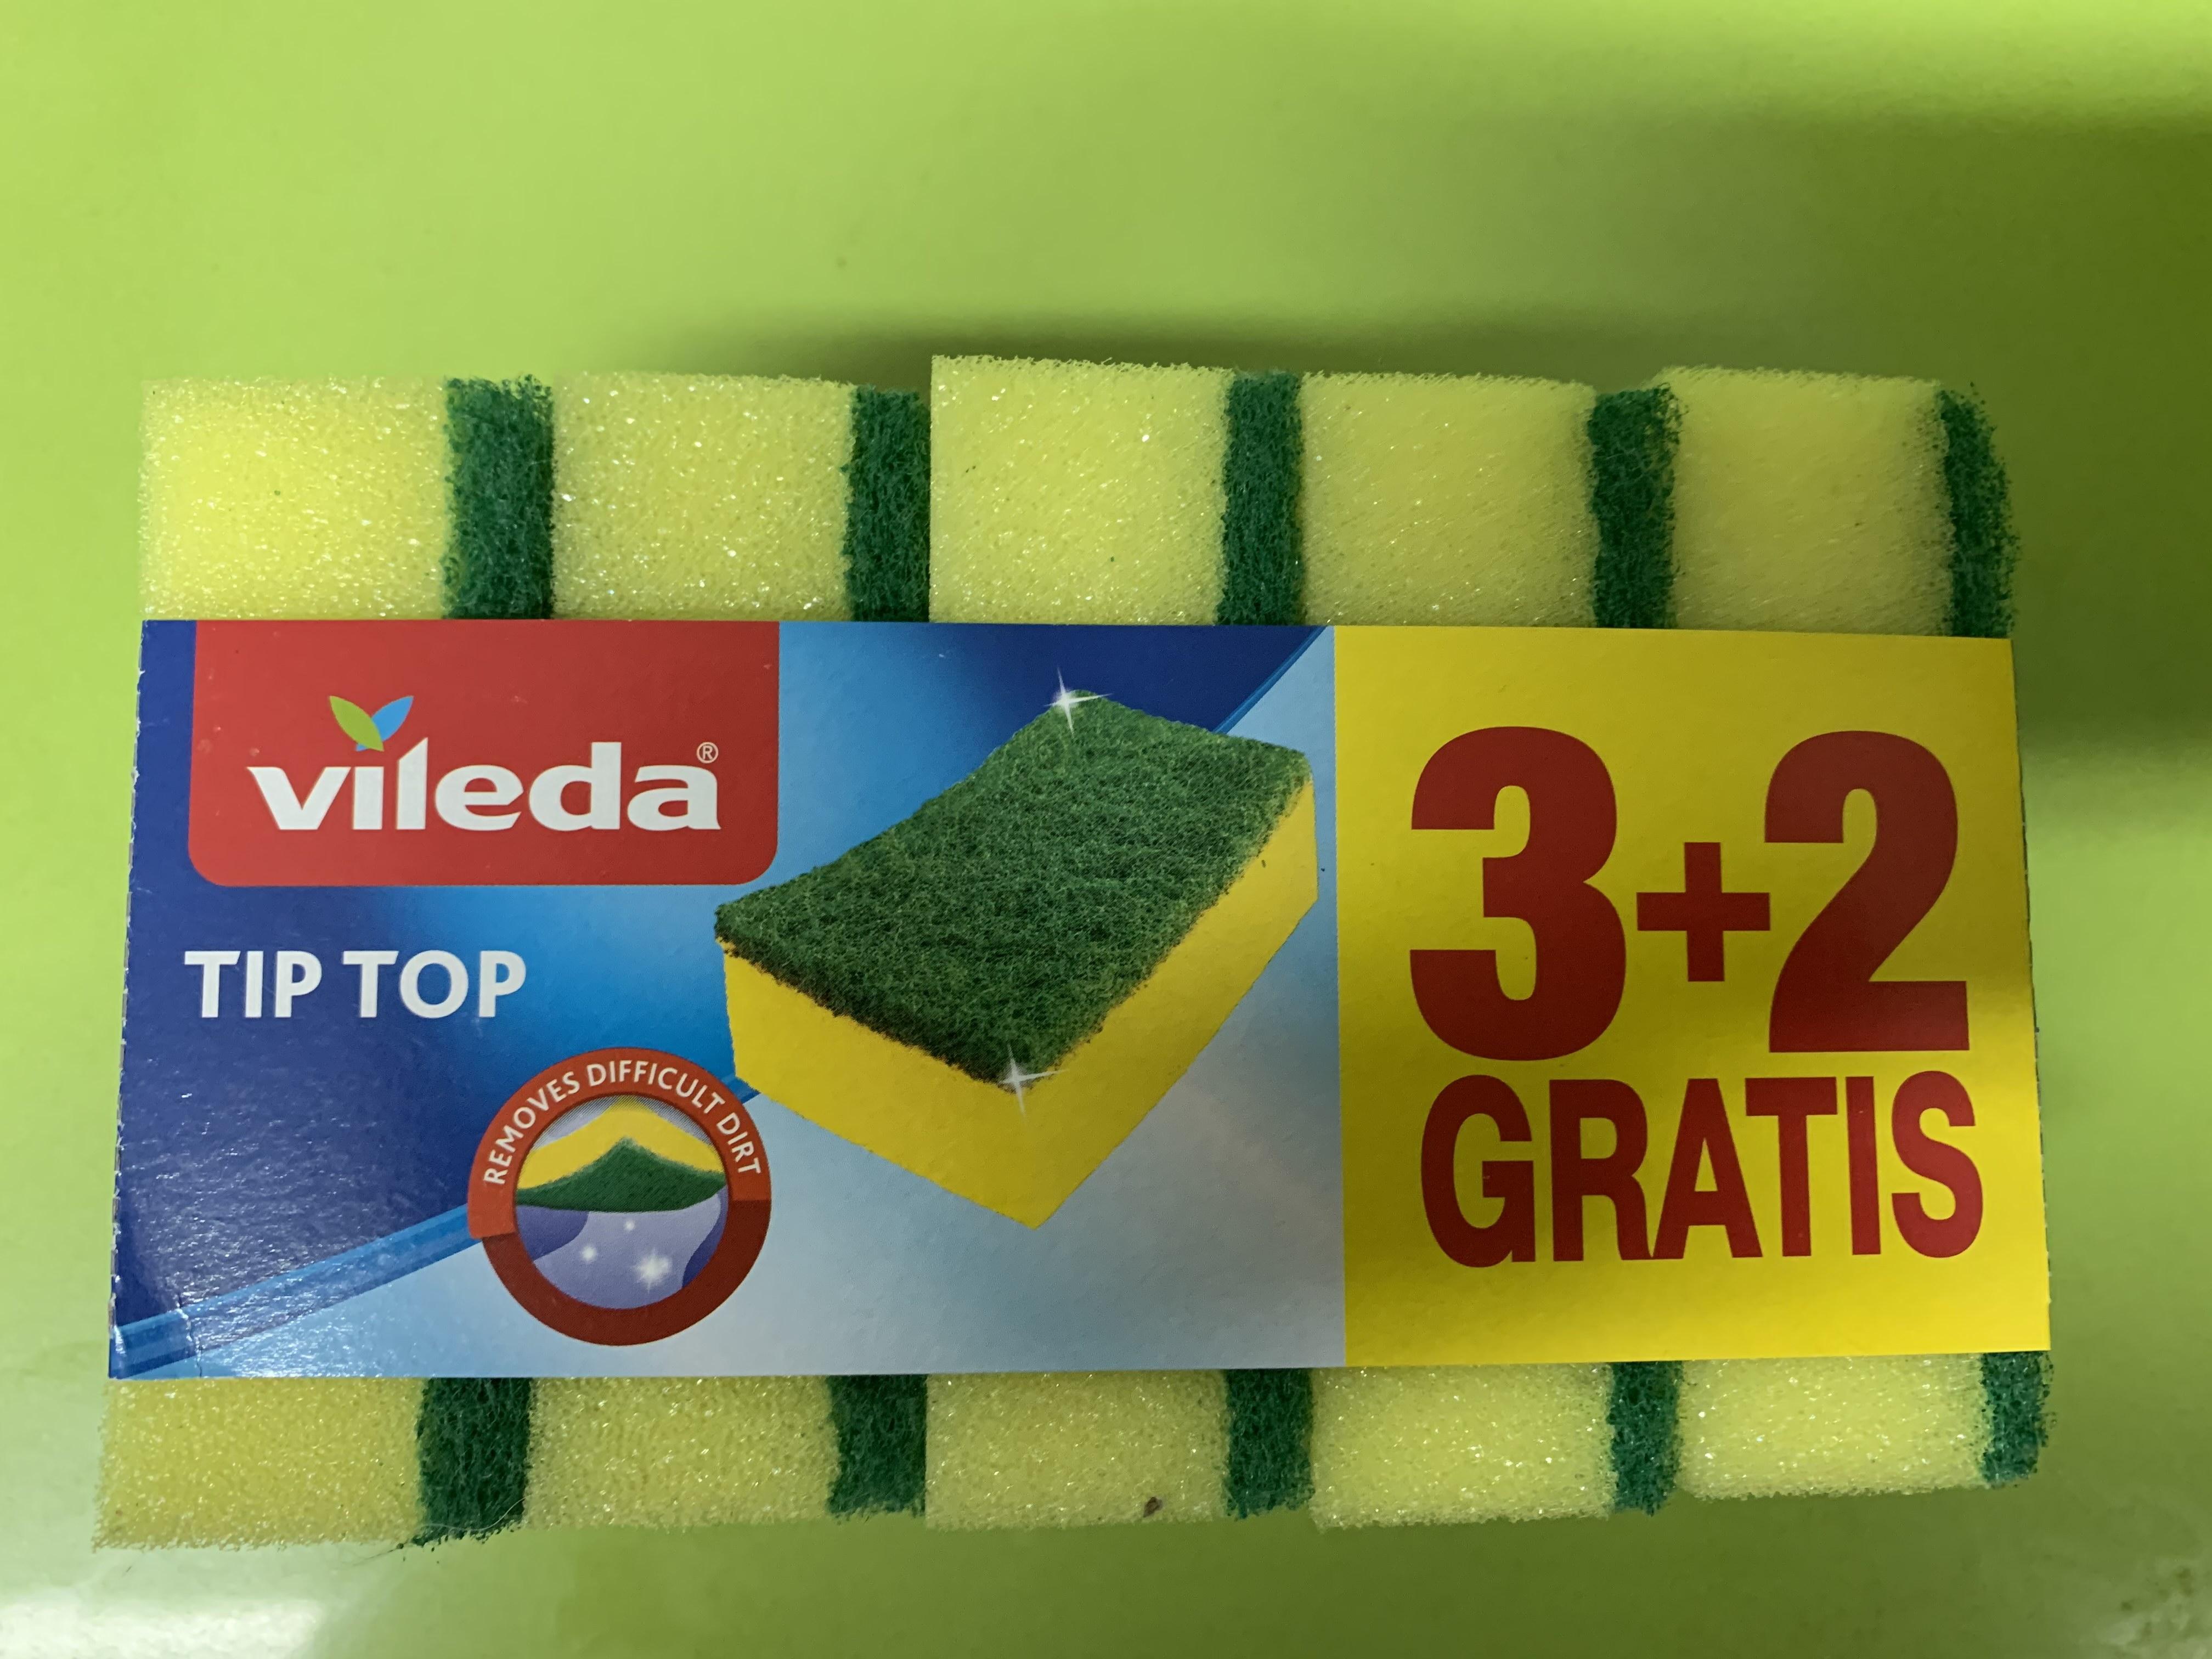 5x Estropajo con esponja vileda x1€ en supermercado Más mairena del Aljarafe (nuevo bulevar)